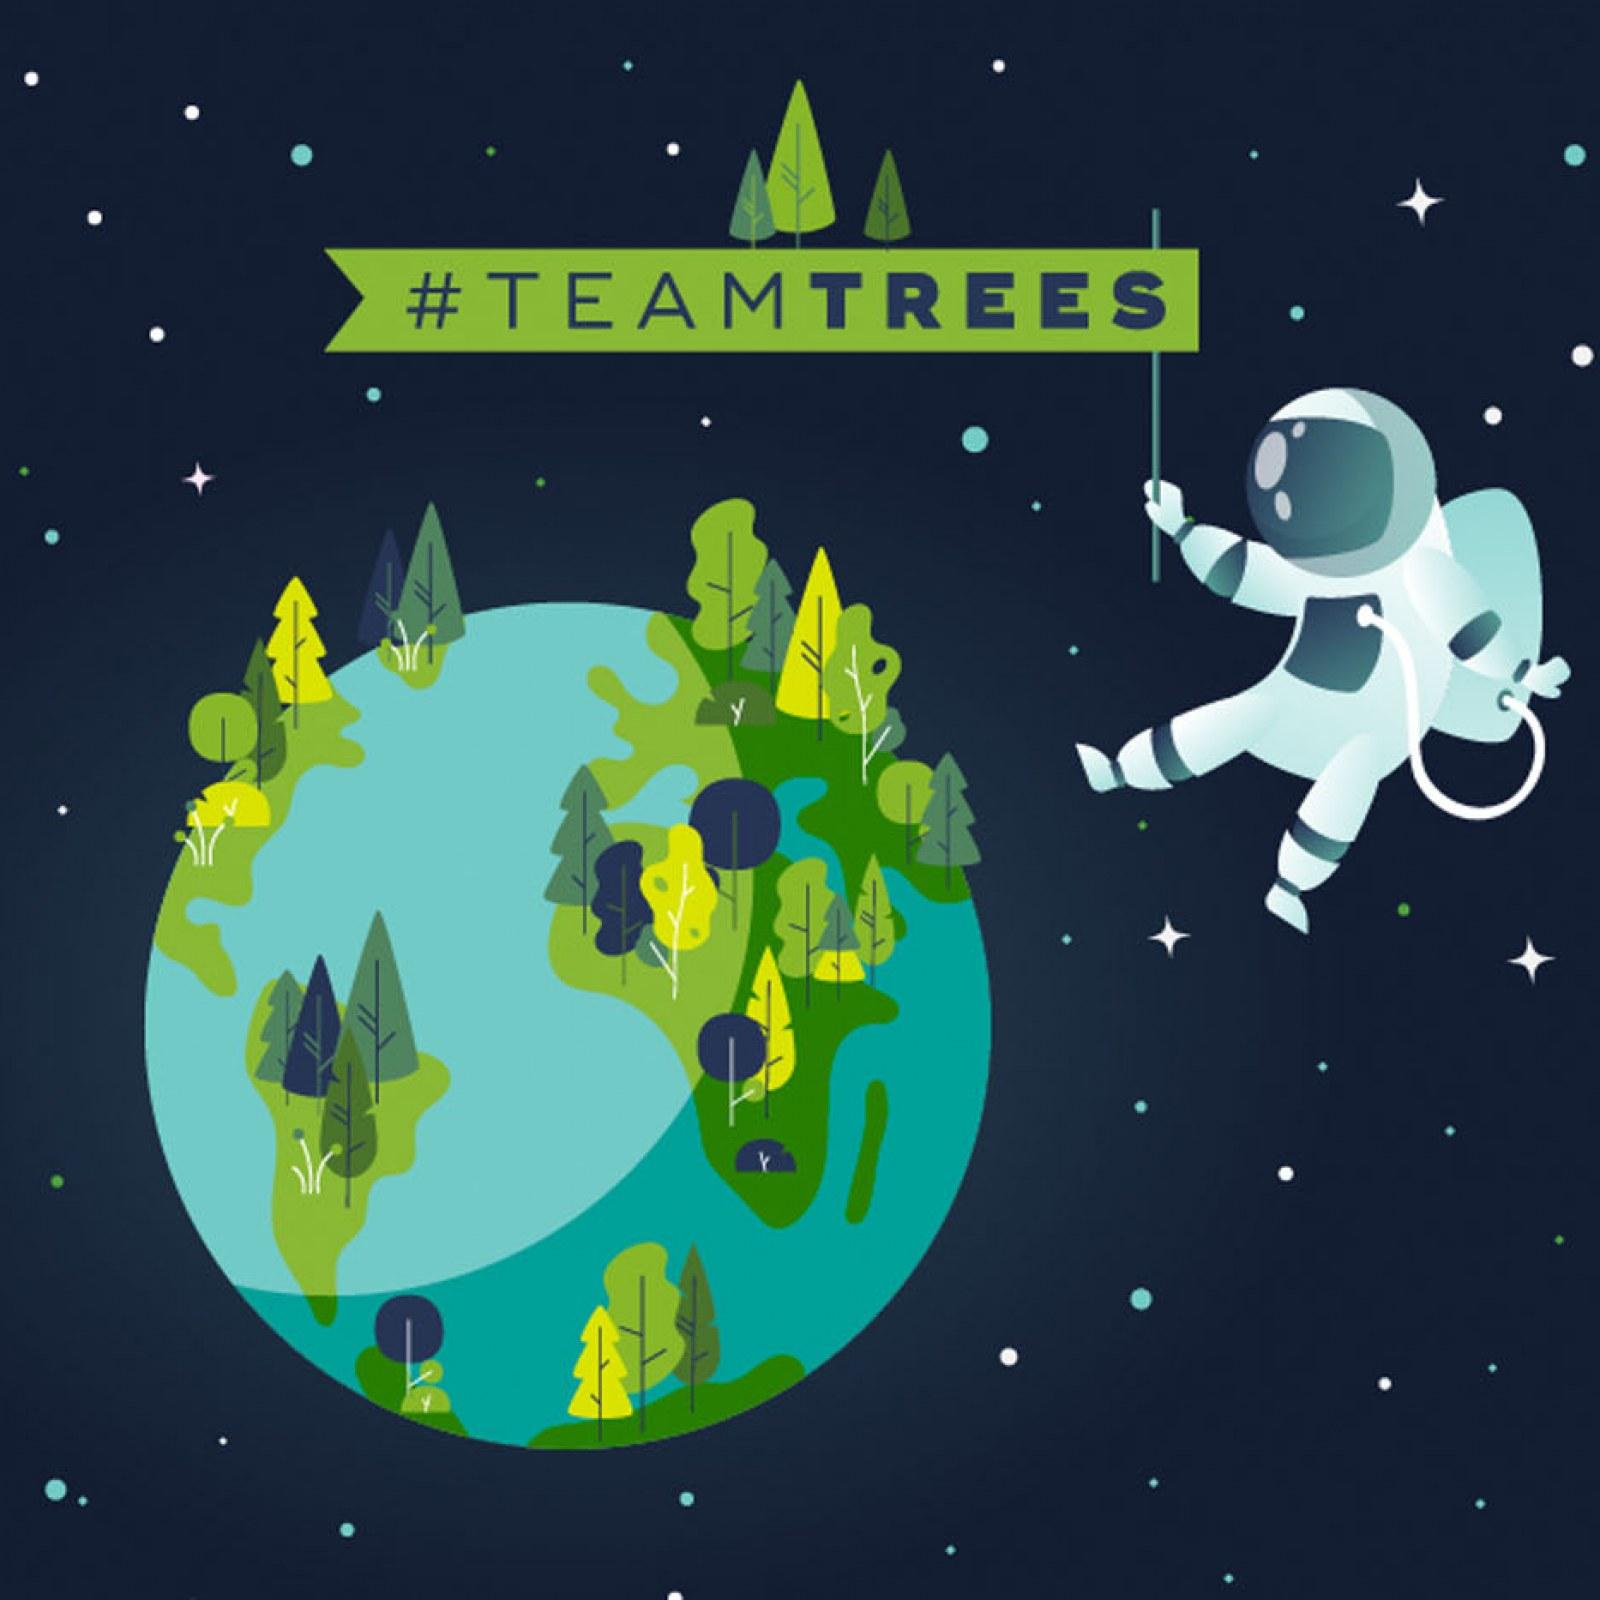 Team Trees